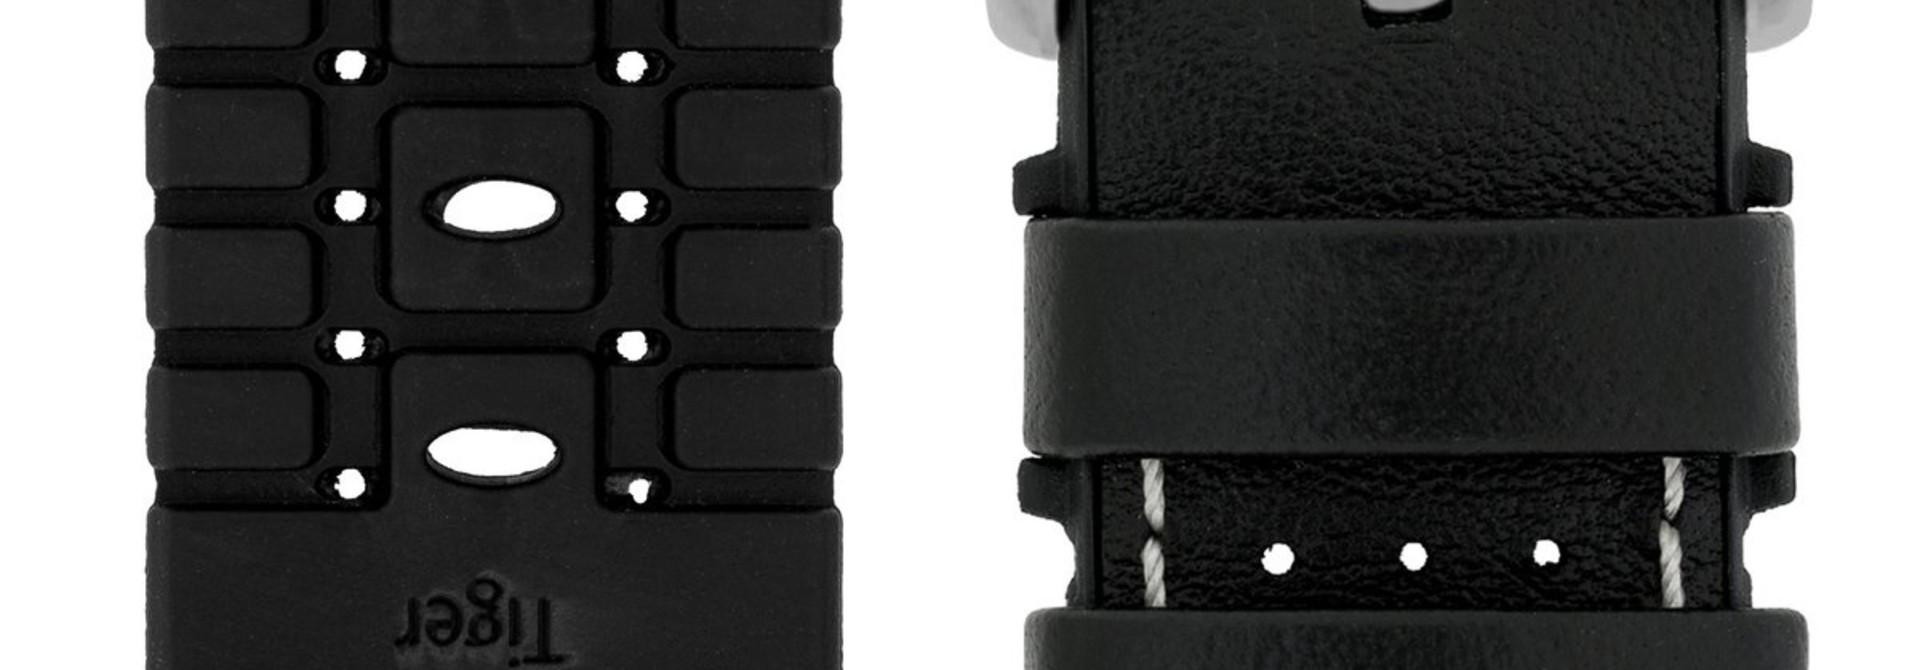 Horlogebandje Tiger Kalfsleer + Premium Caoutchouc (Rubber) 20 mm